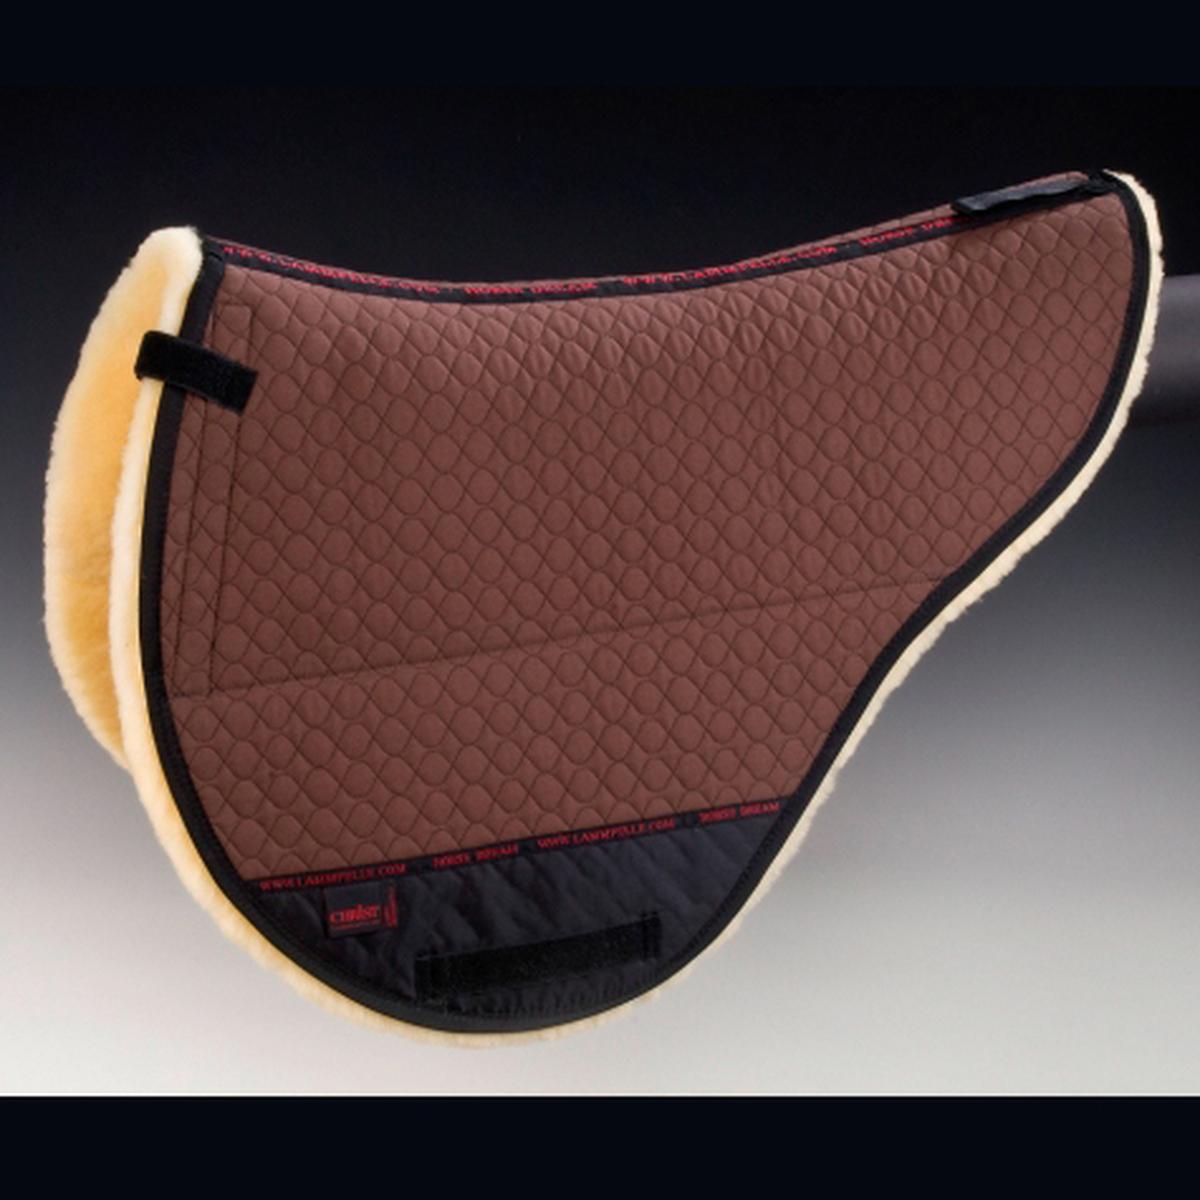 Christ Saddle pad standard for treeless saddles